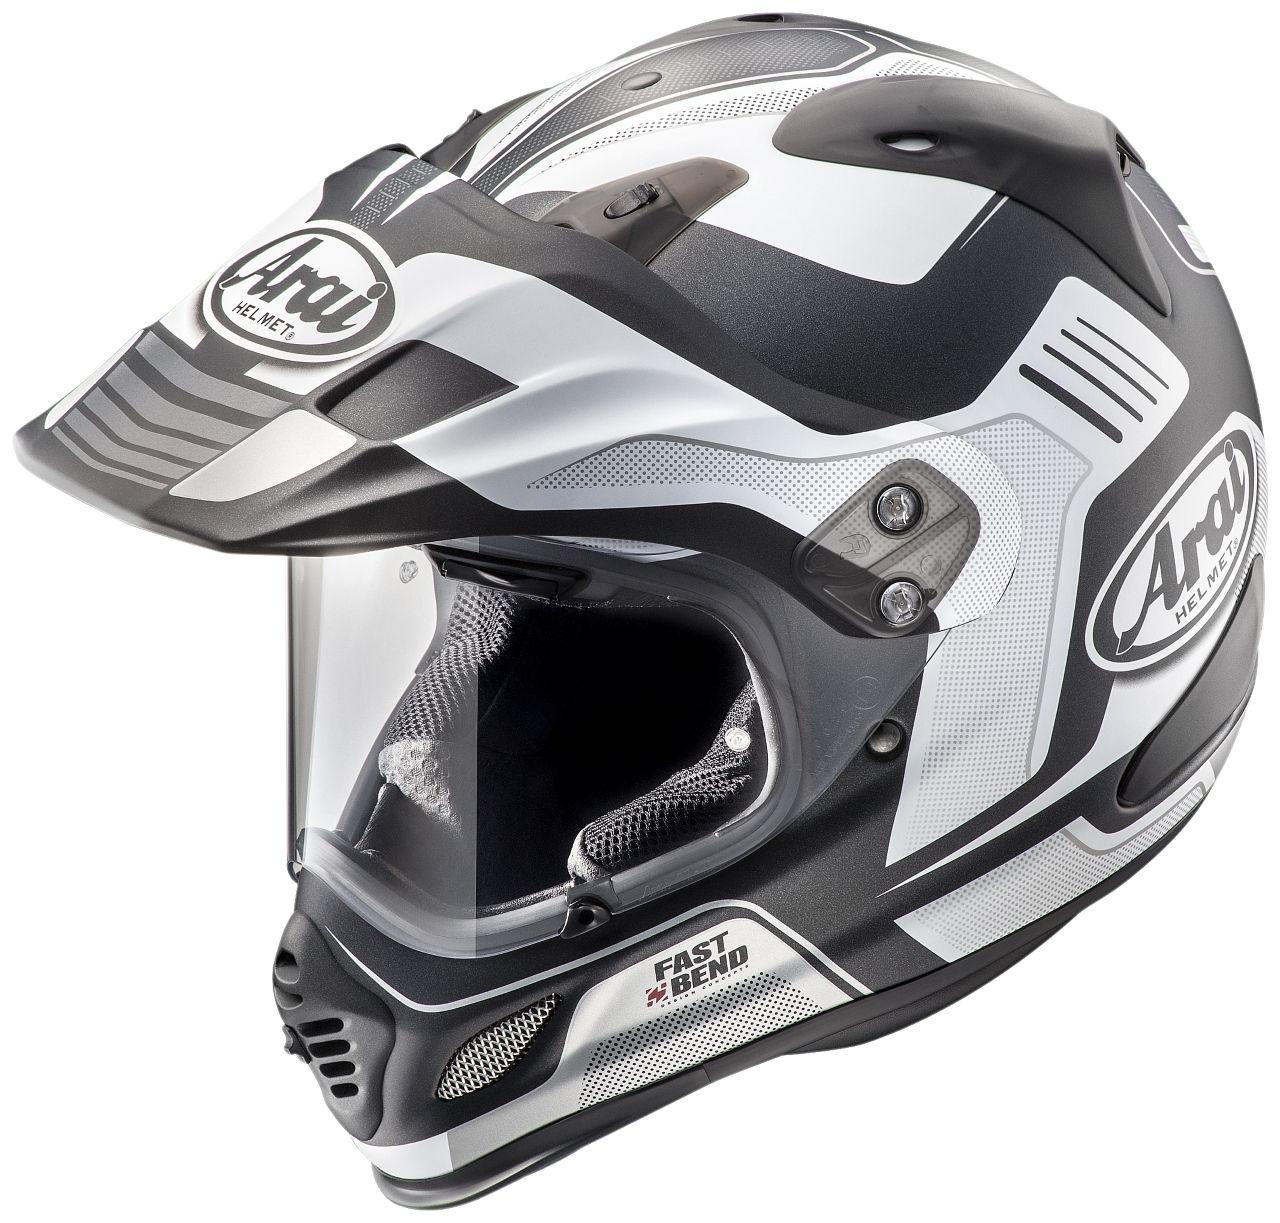 TOUR-CROSS 3 (XD4) VISION [White (Matte)] Helmet